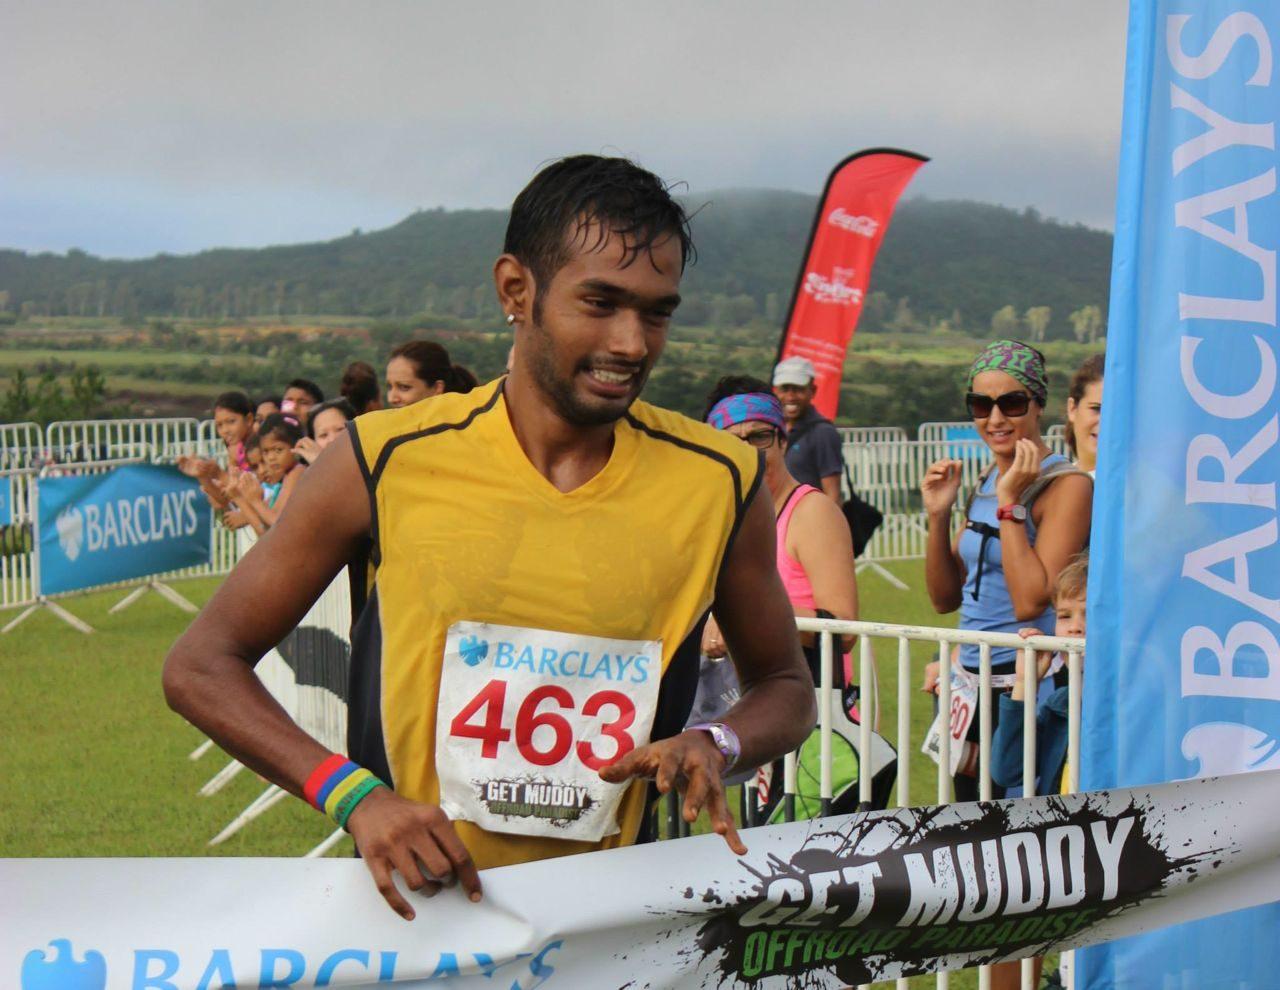 Men's winner of Get Muddy Mauritius